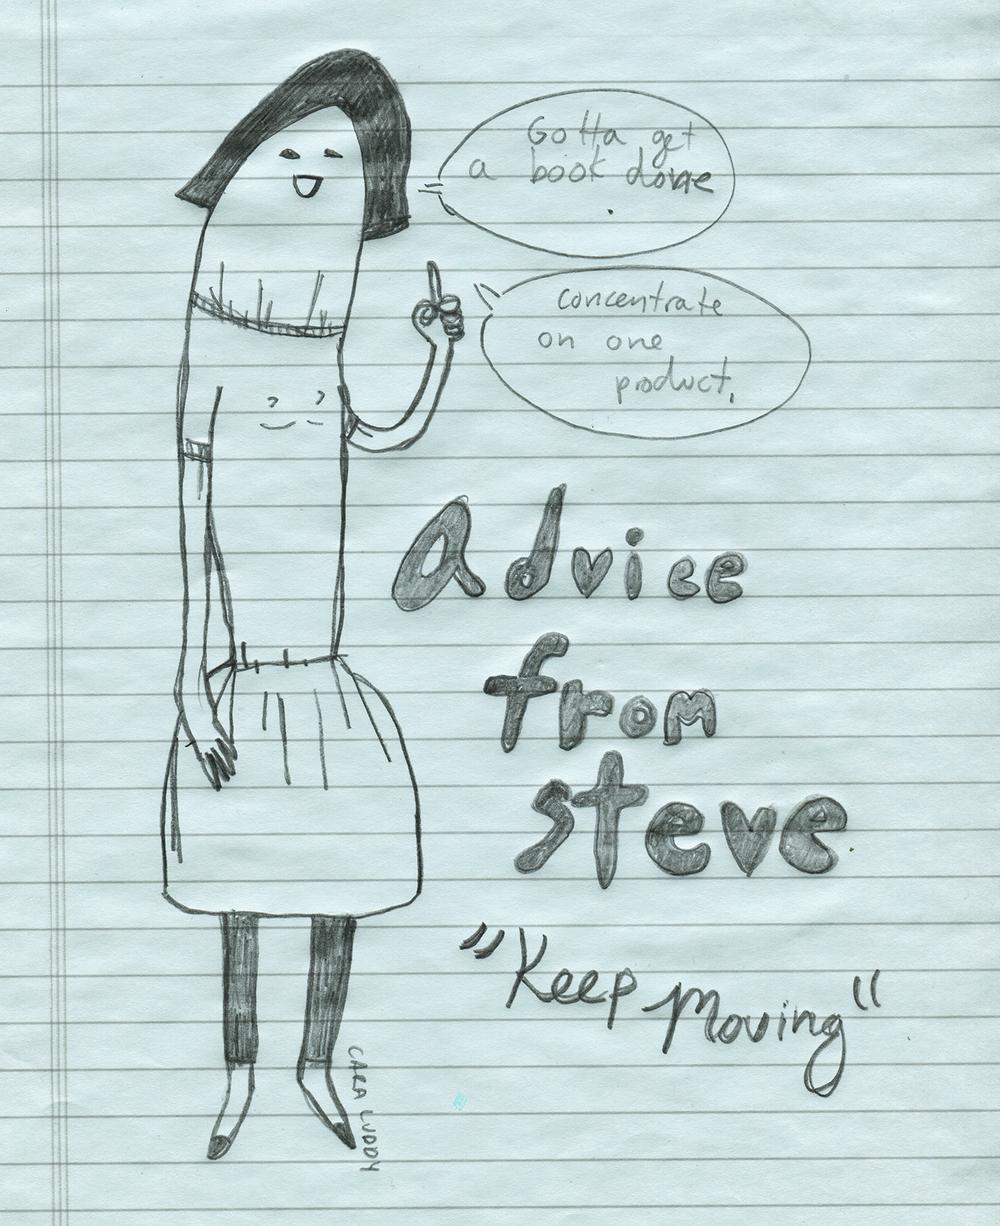 adviceweb.jpg